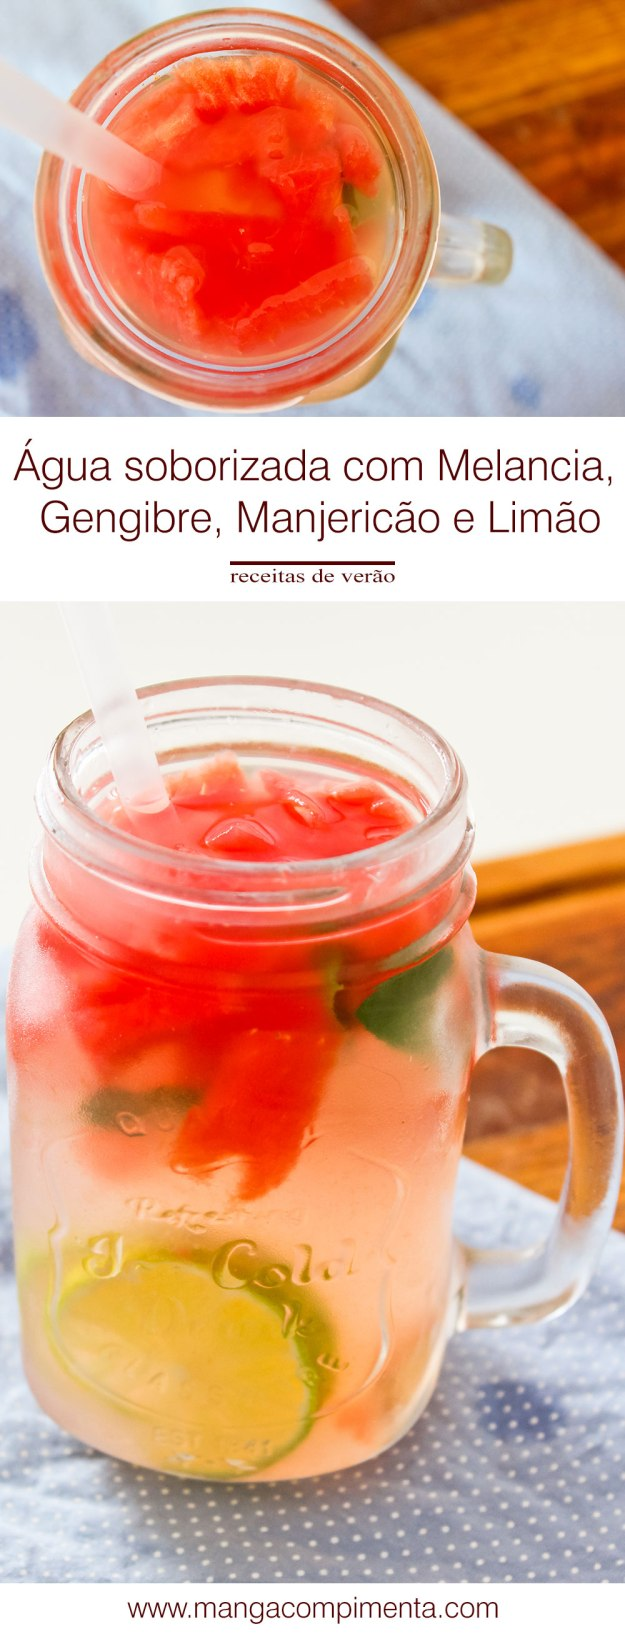 Receita de Água Saborizada com Melancia, Gengibre, Manjericão e Limão - prepare uma bebida deliciosa neste verão.